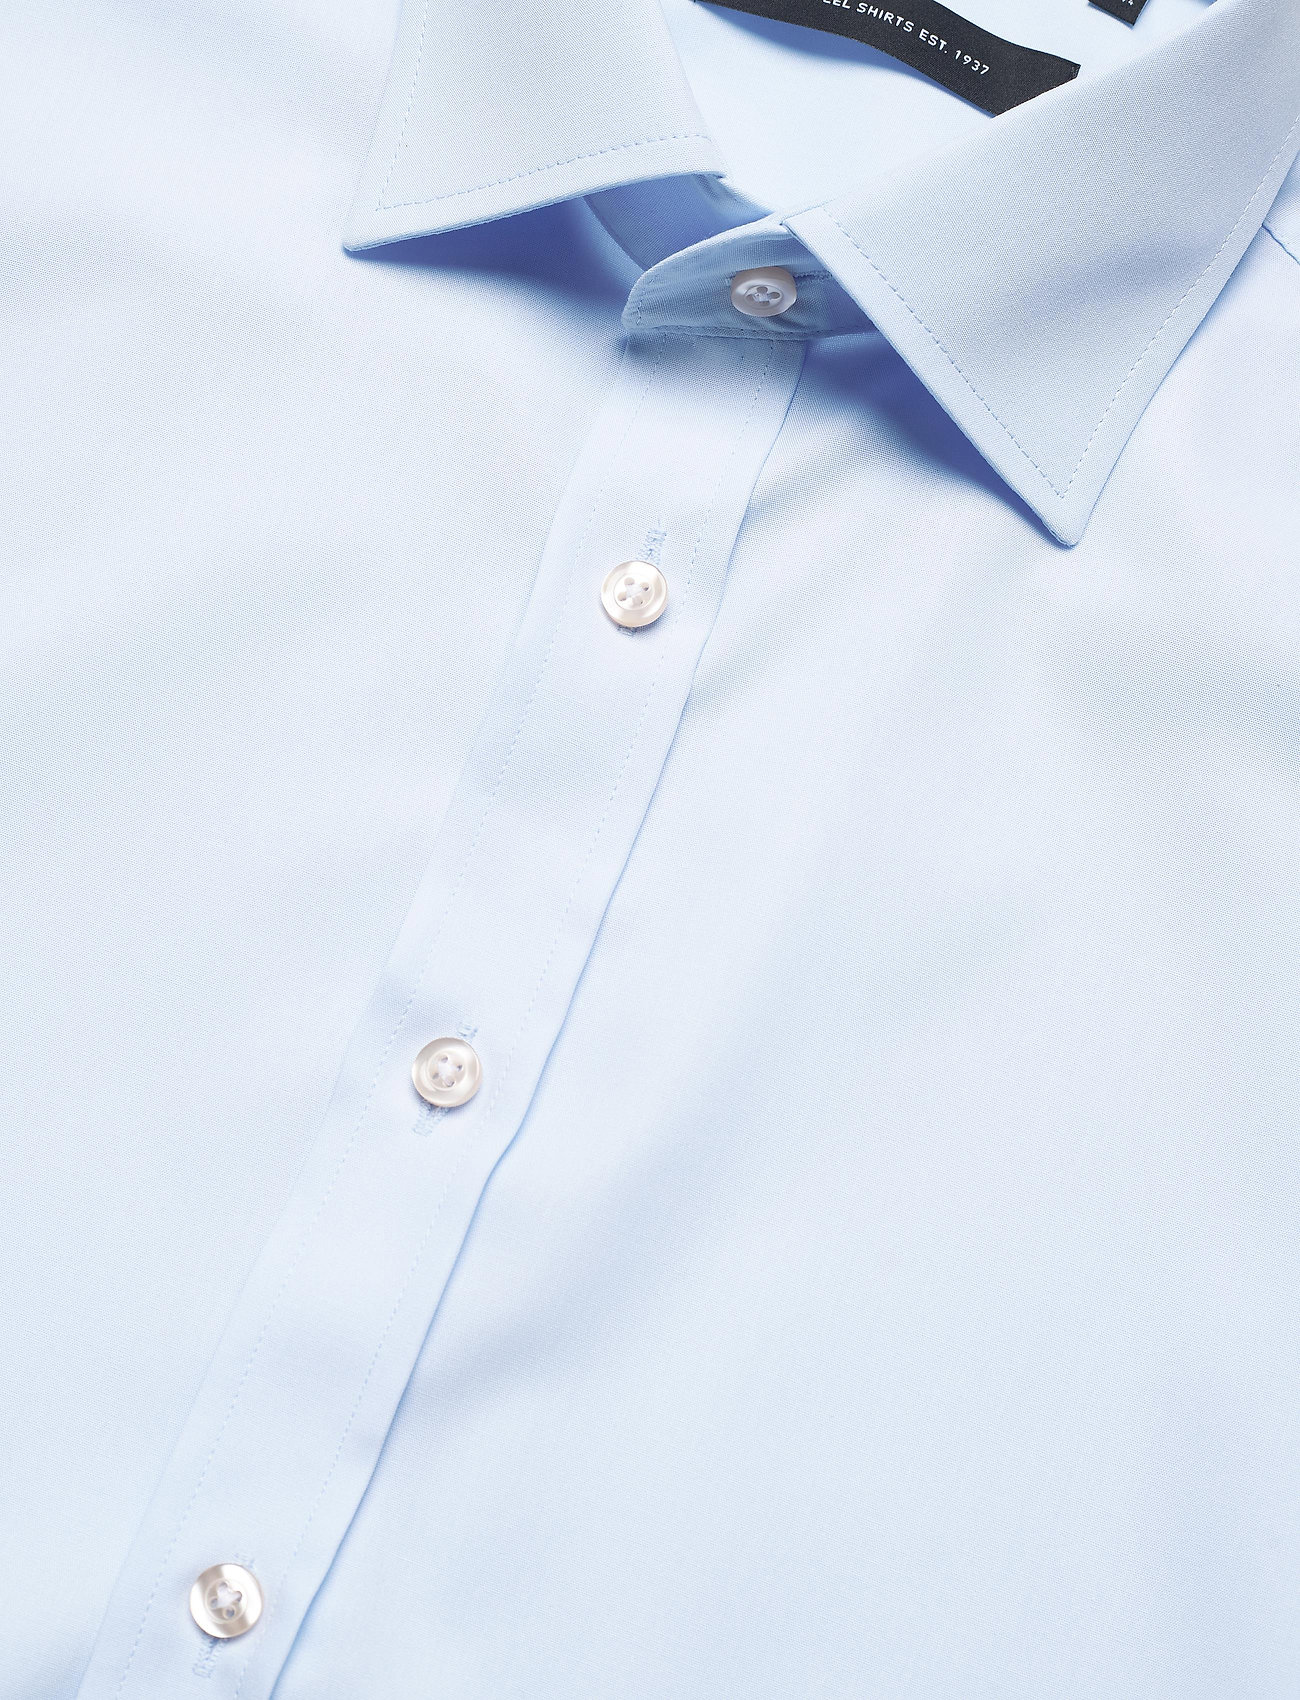 Bosweel Black poplin - Skjorter BLUE - Menn Klær